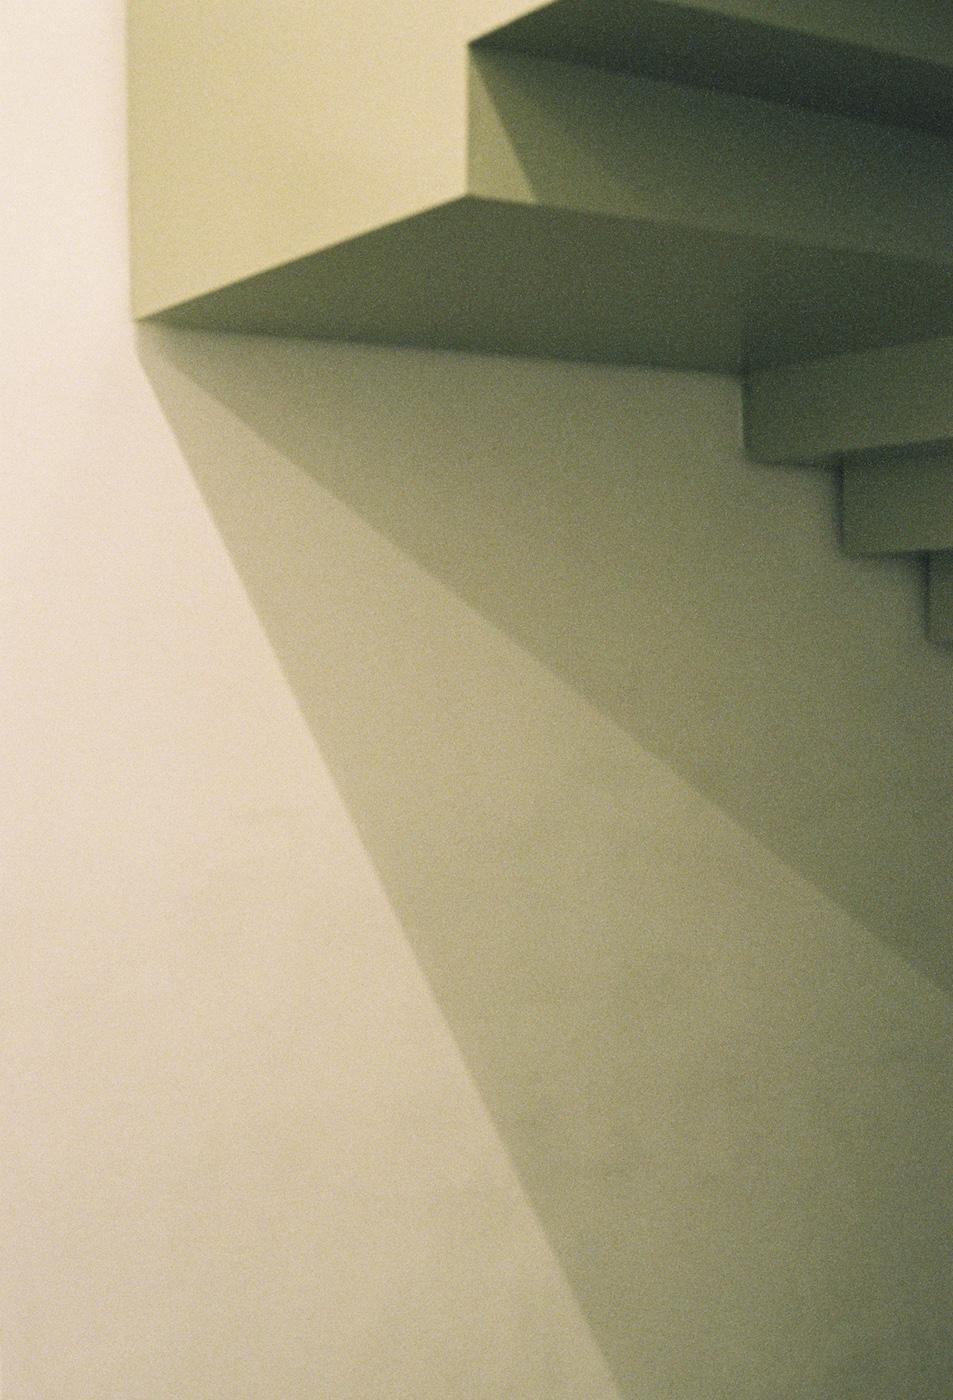 White Cube Linus Muellerschoen 003.jpg